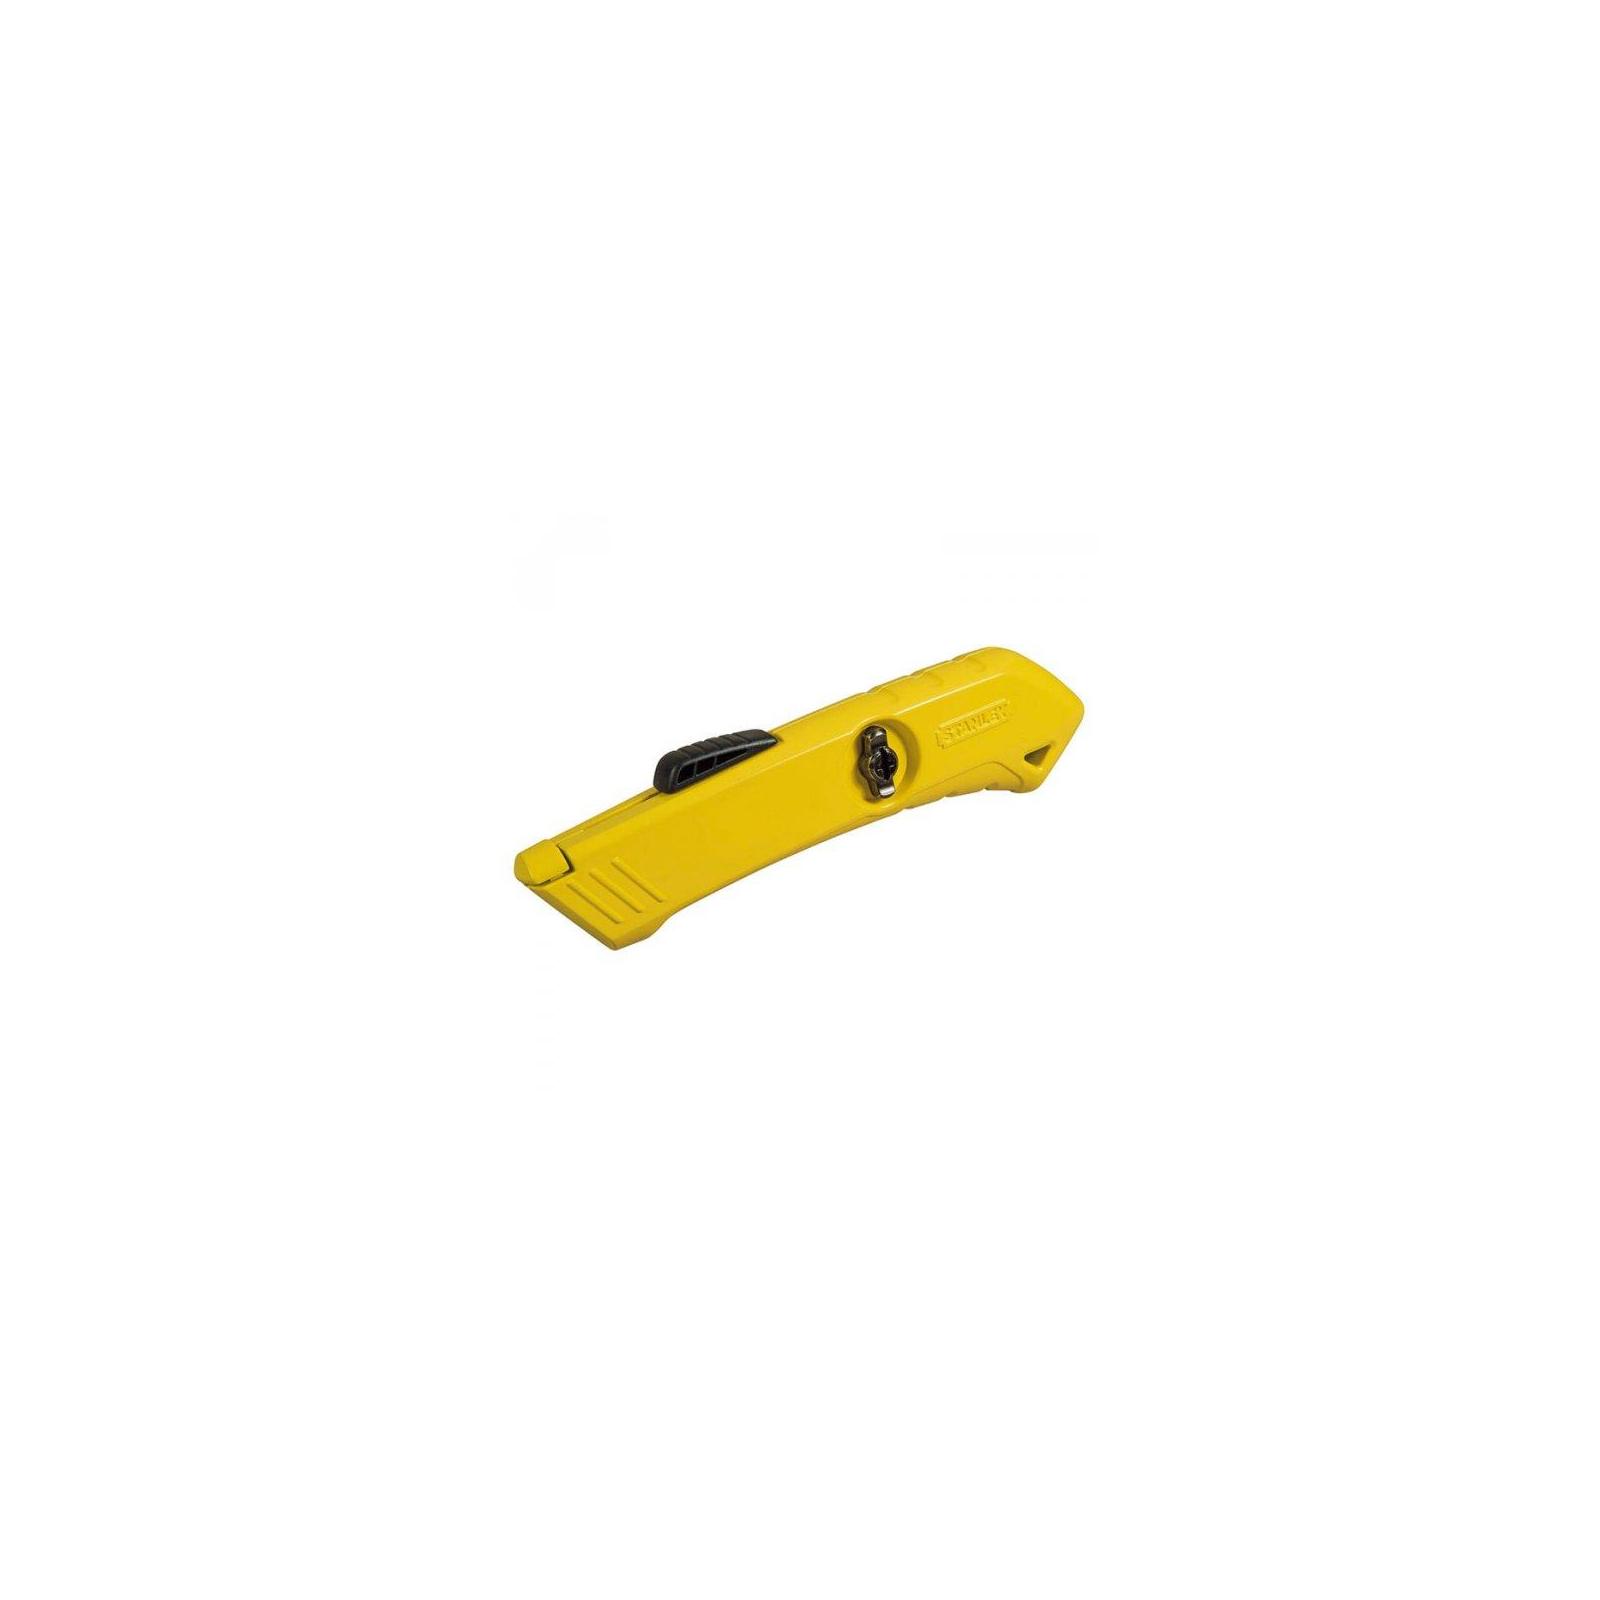 Нож монтажный Stanley безопасный для отделочных работ, L=165мм. (STHT0-10193) изображение 2